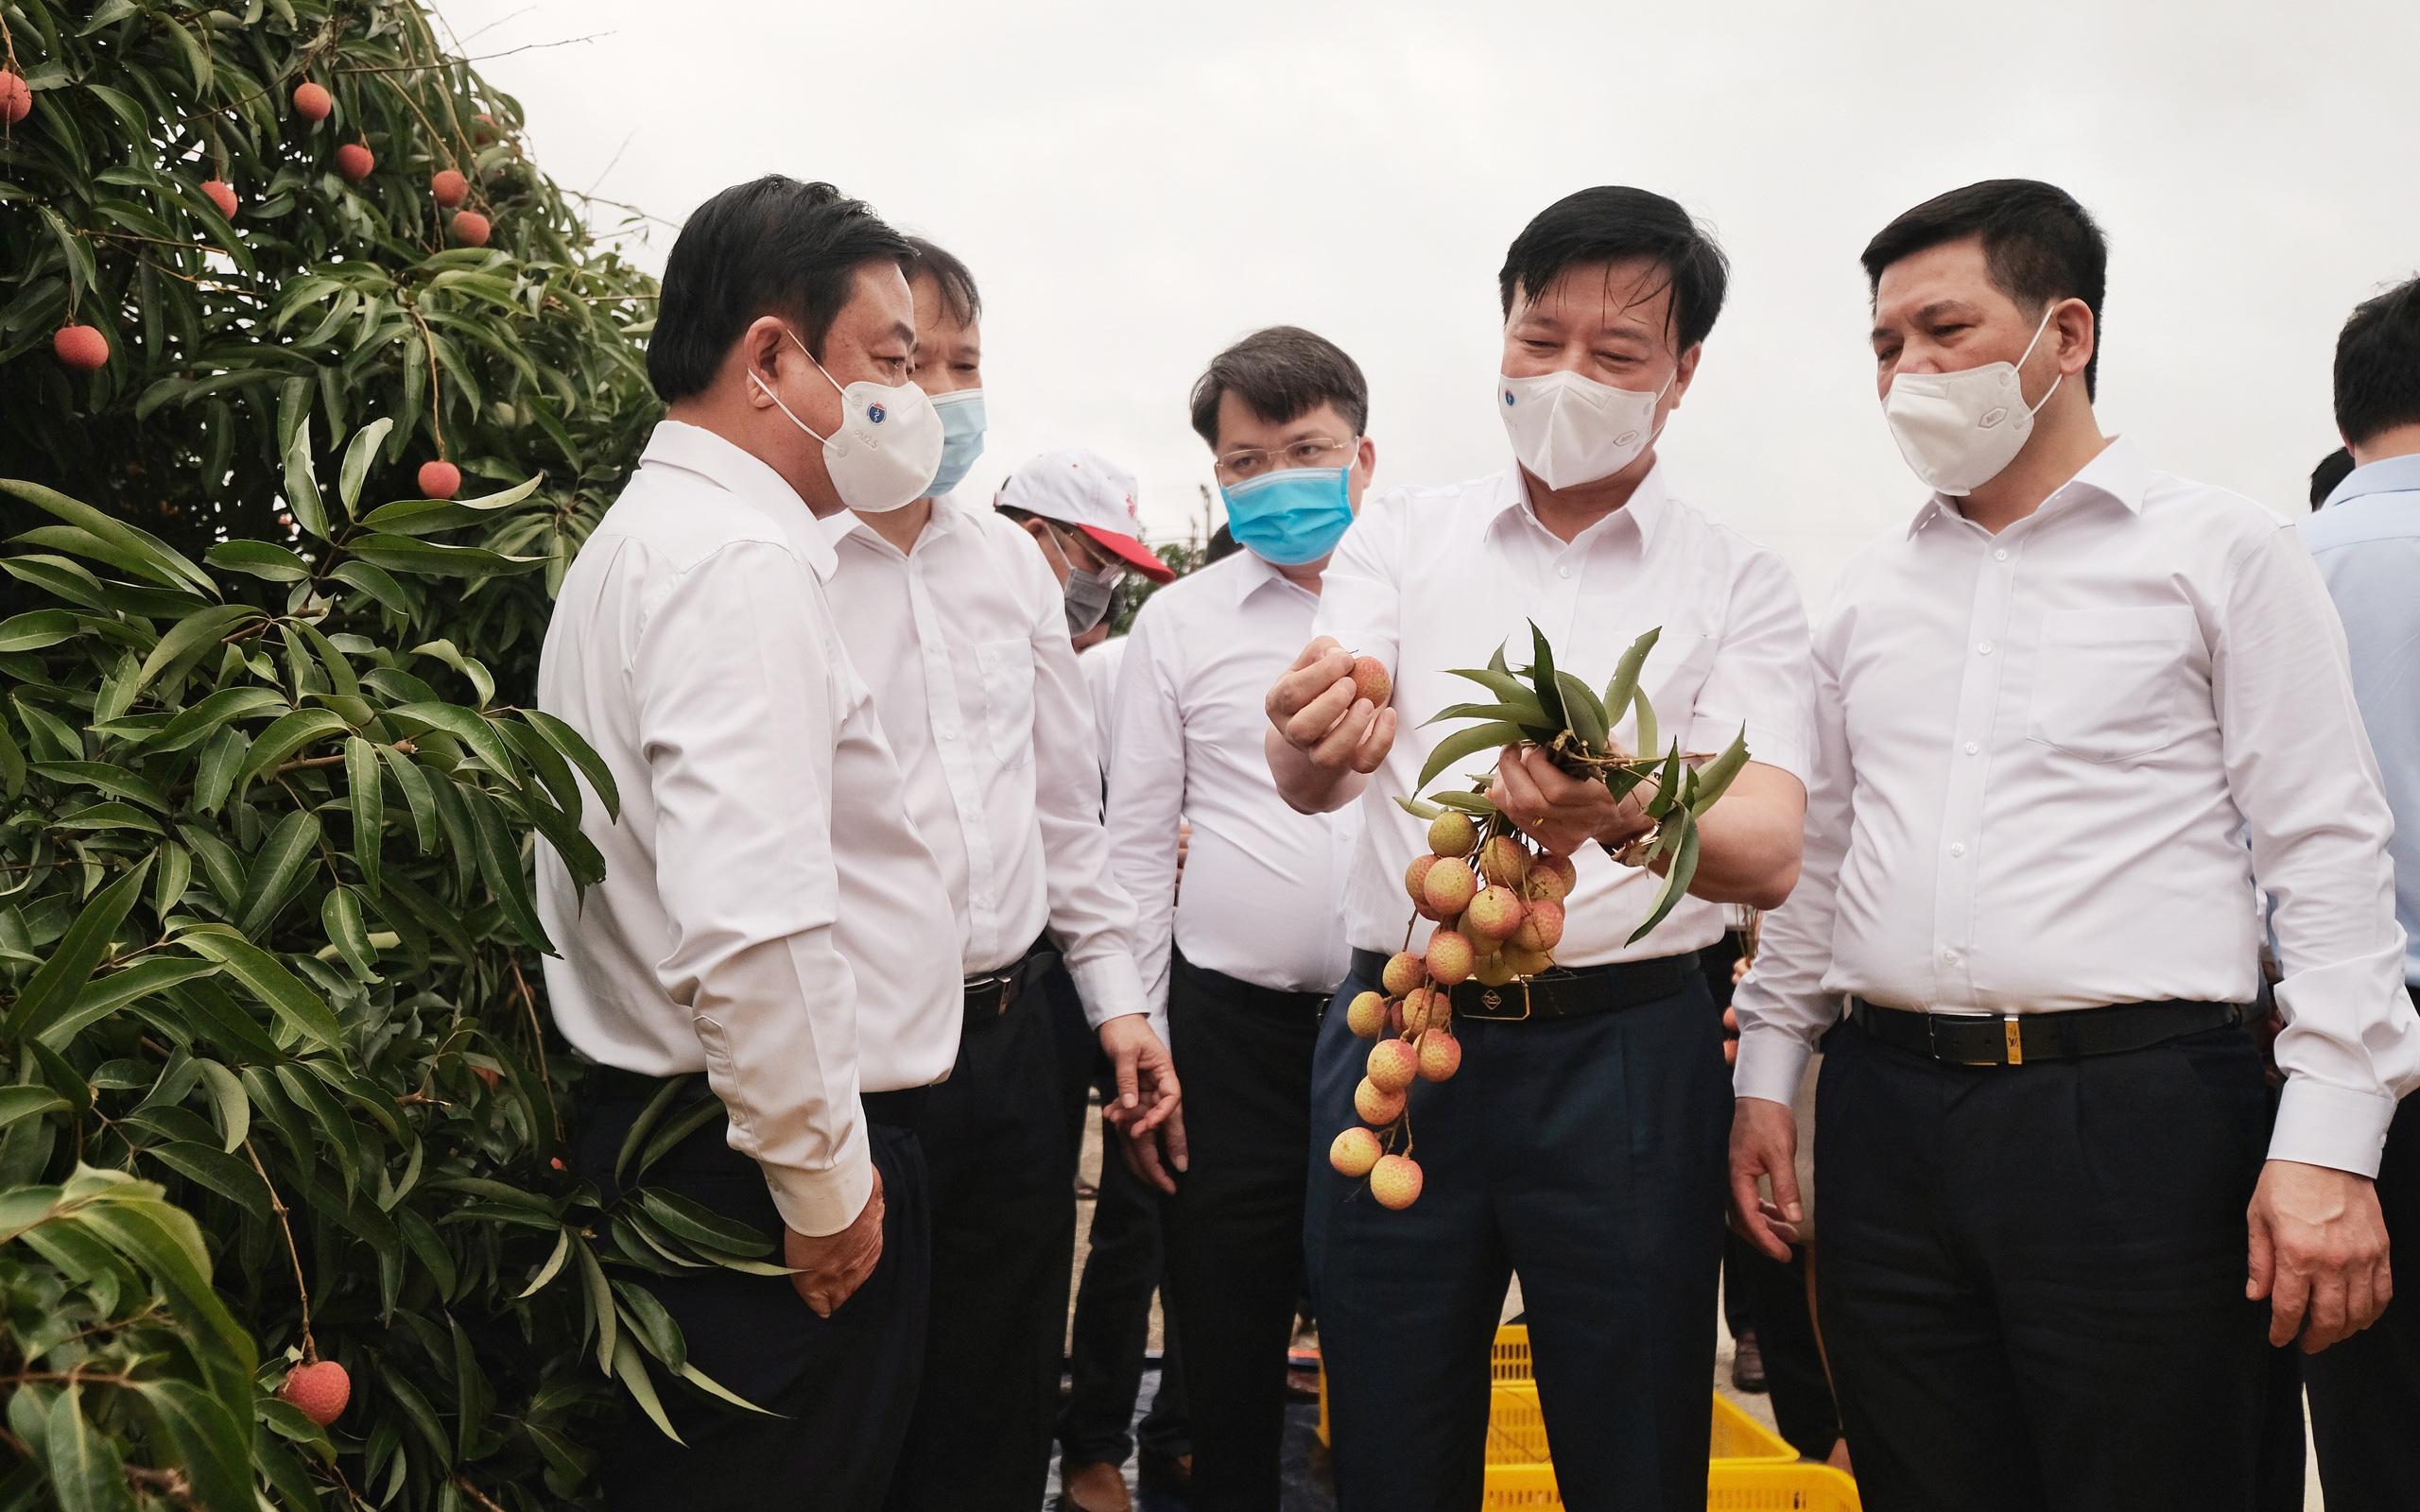 Mở vườn đưa quả tiến vua lên đường đi Nhật Bản, Mỹ, Bộ trưởng Bộ NNPTNT Lê Minh Hoan ấn tượng vì điều này